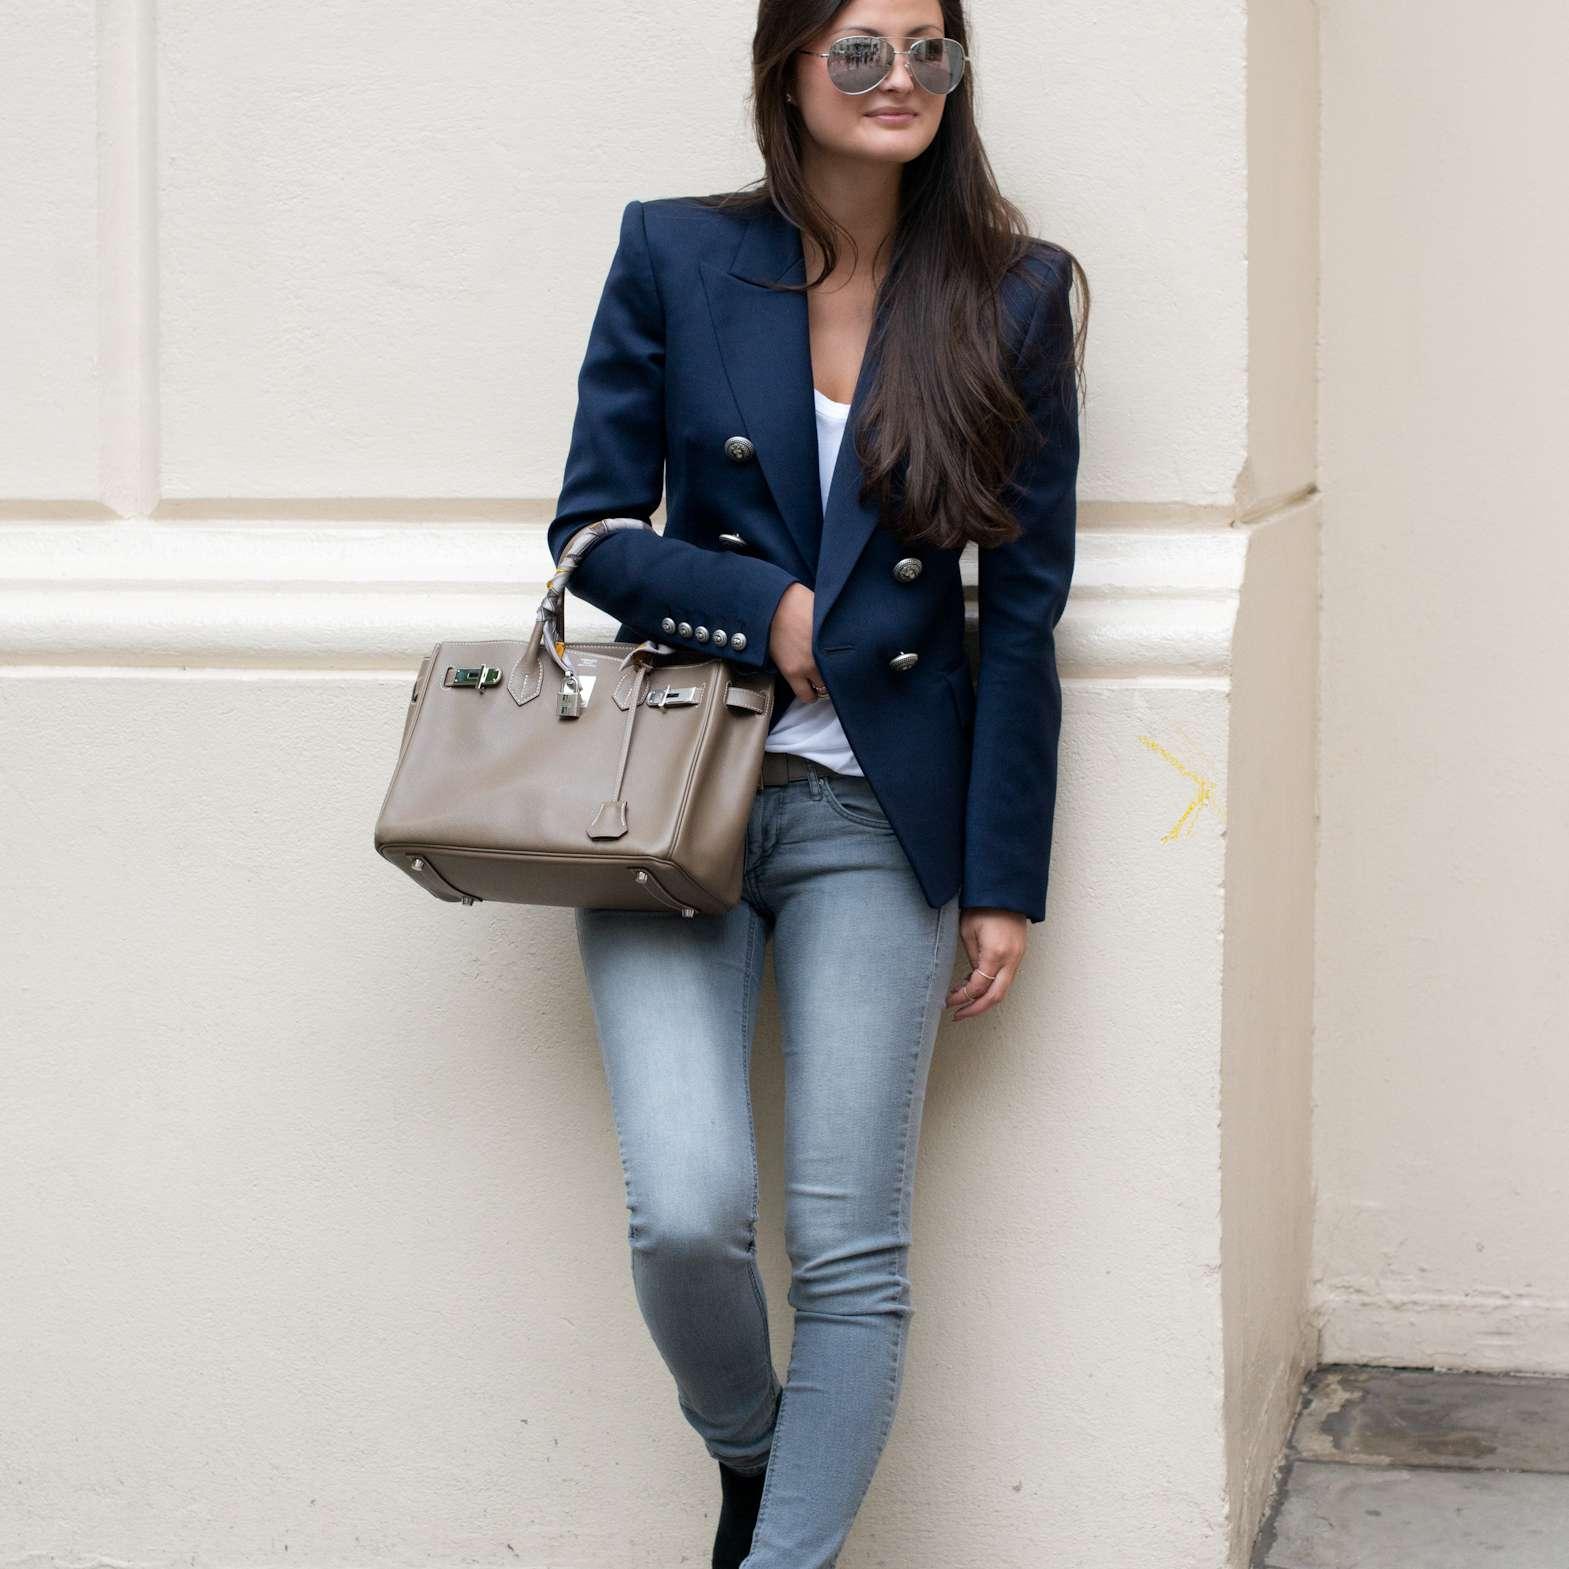 Fashion-blogger-Peony-Lim-HandM-jeans-Balmain-jacket-Kirstin-Sinclair.jpg